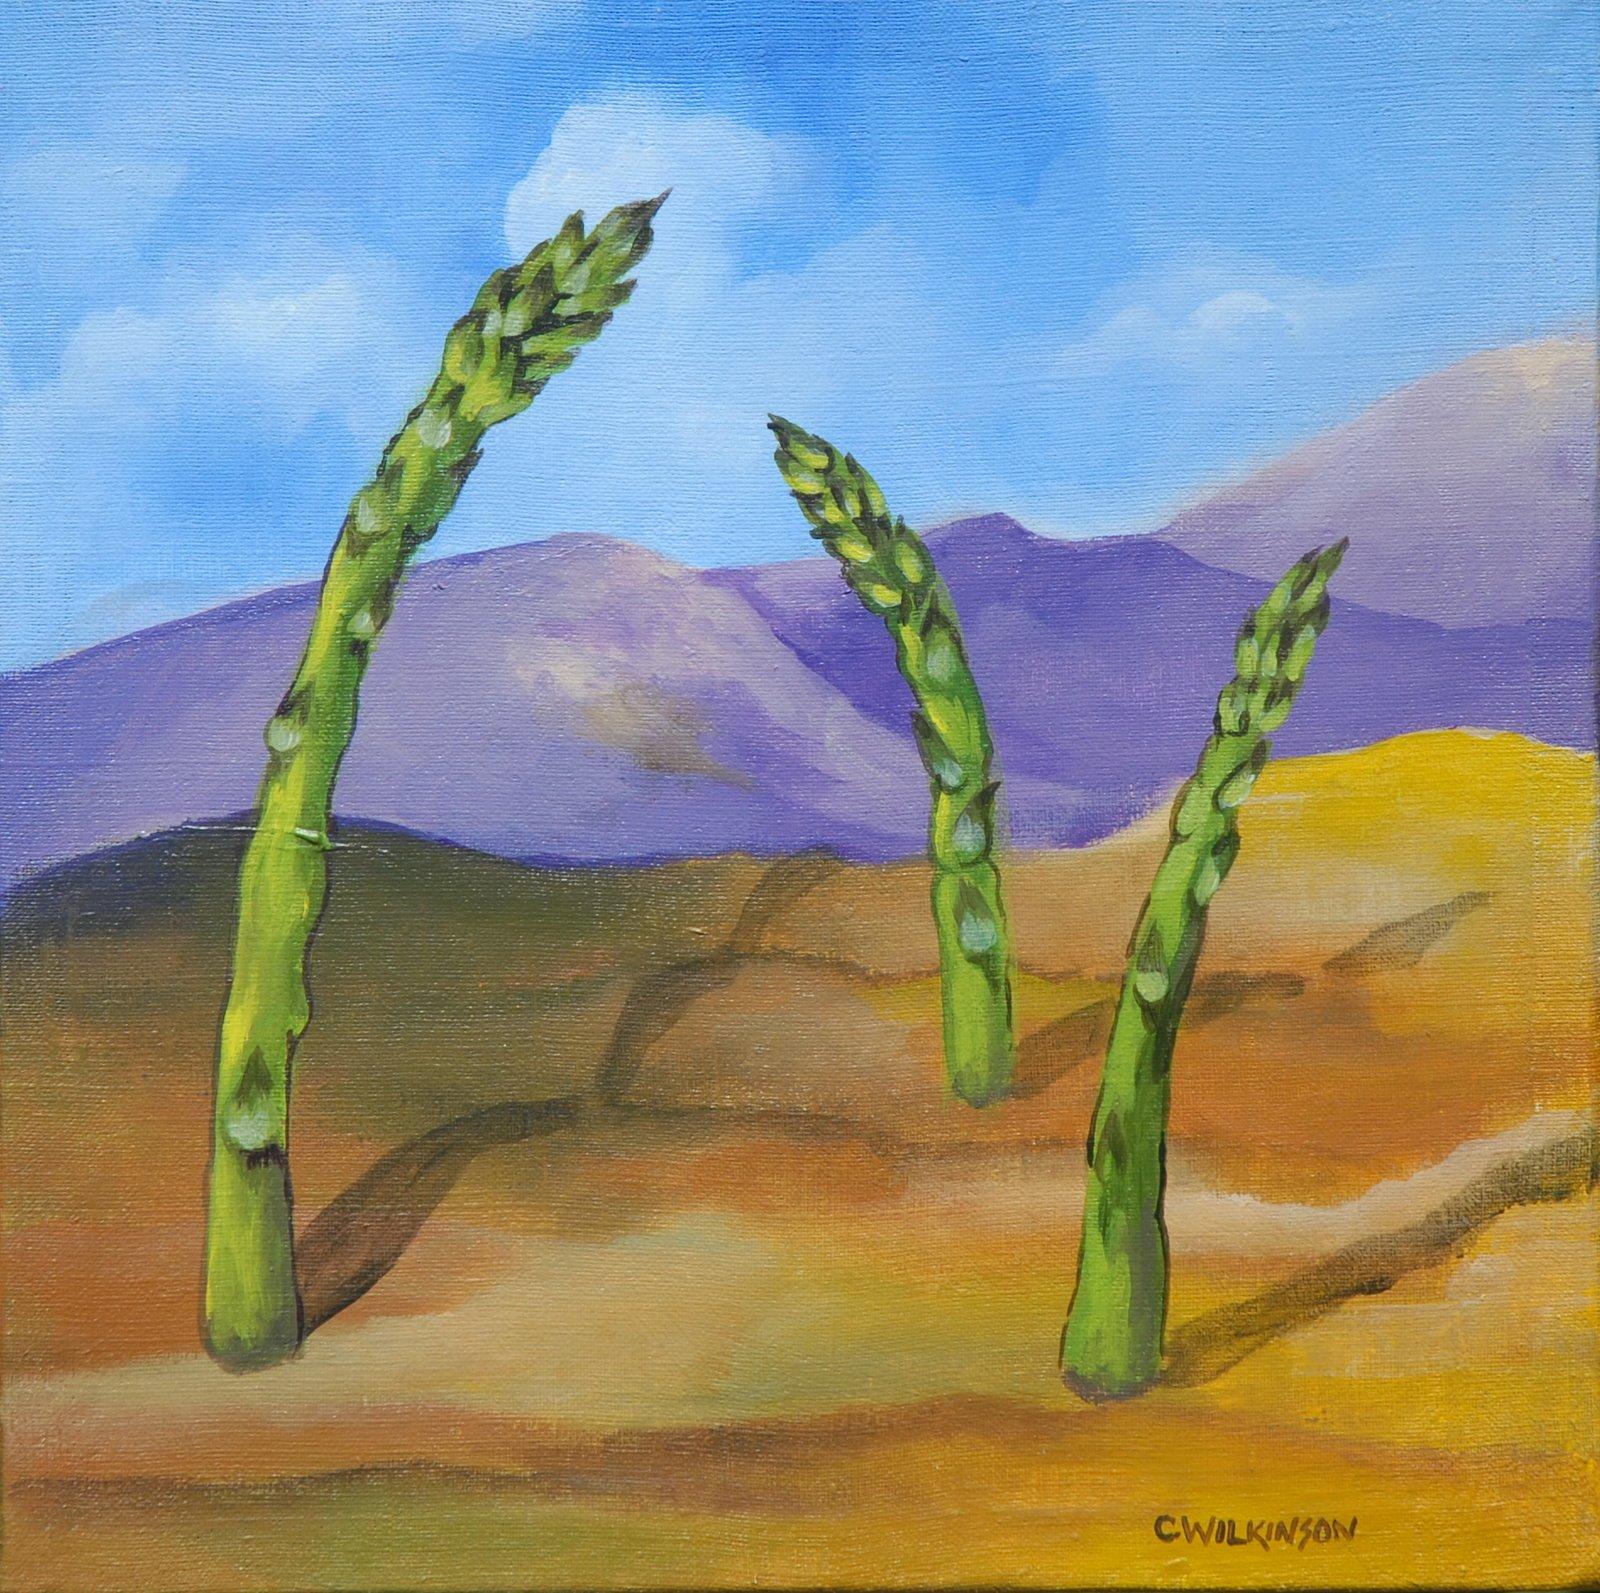 [Asparagus+Hill+12x12+Acrylic+on+Canvas]